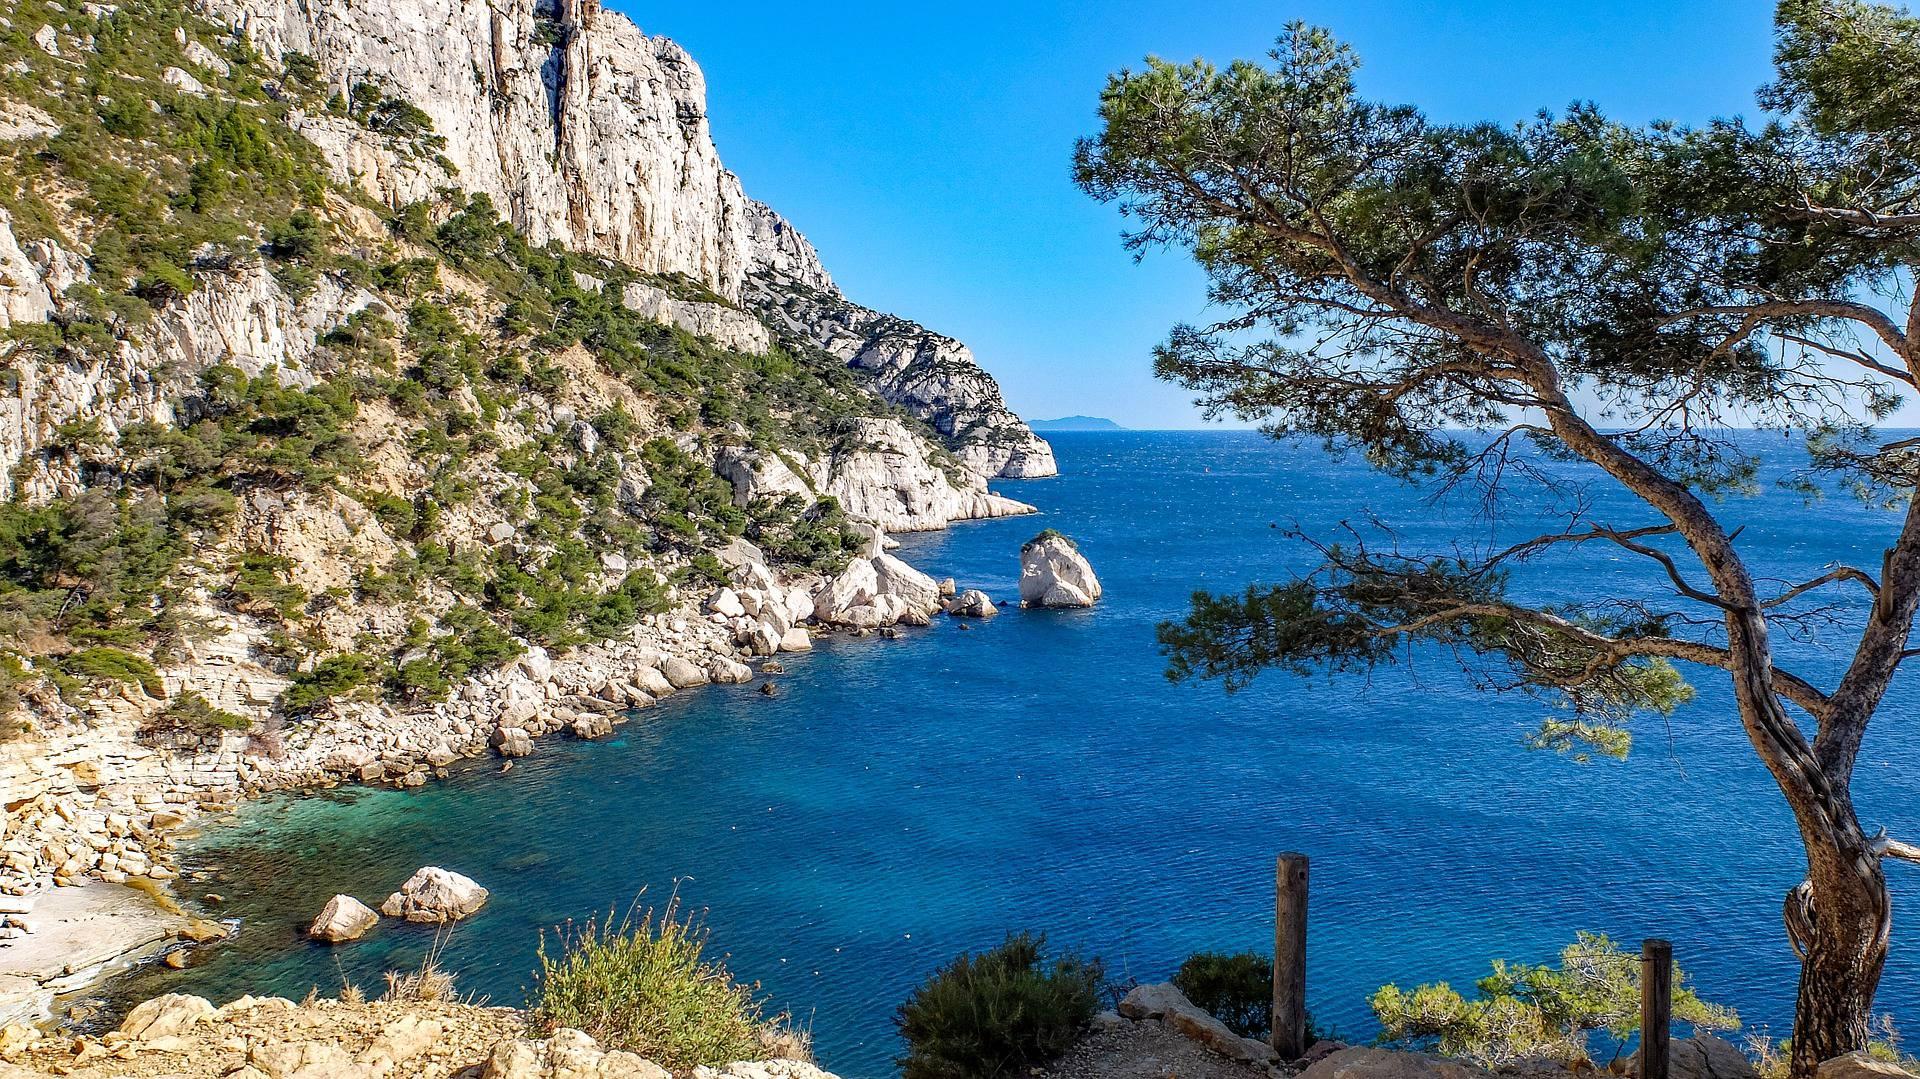 Parc National des Calanques - Marseille